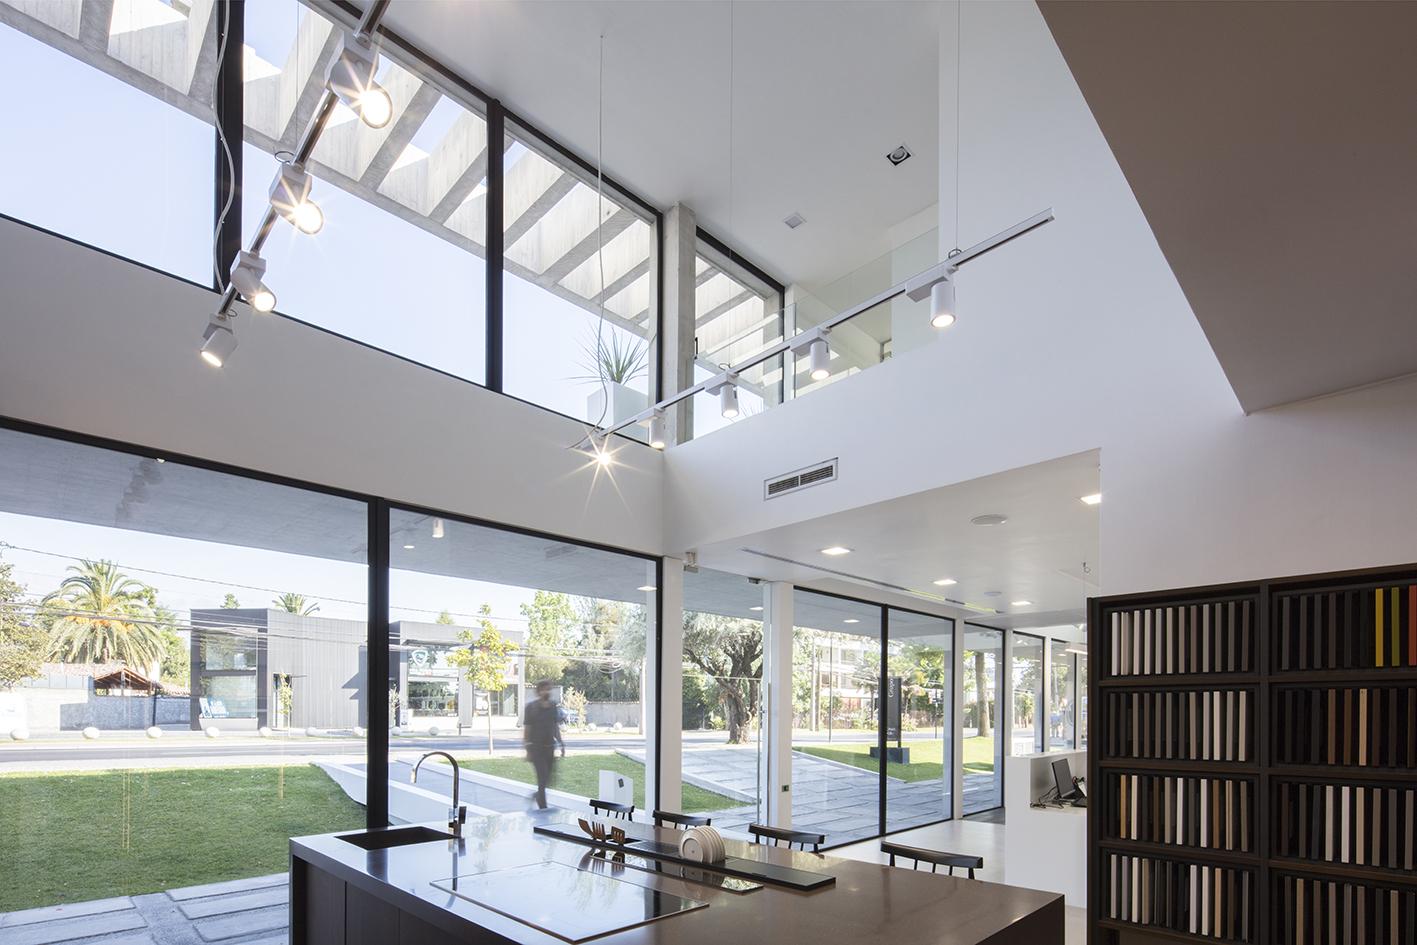 العمارة الخارجیة للمحلات التجاریة